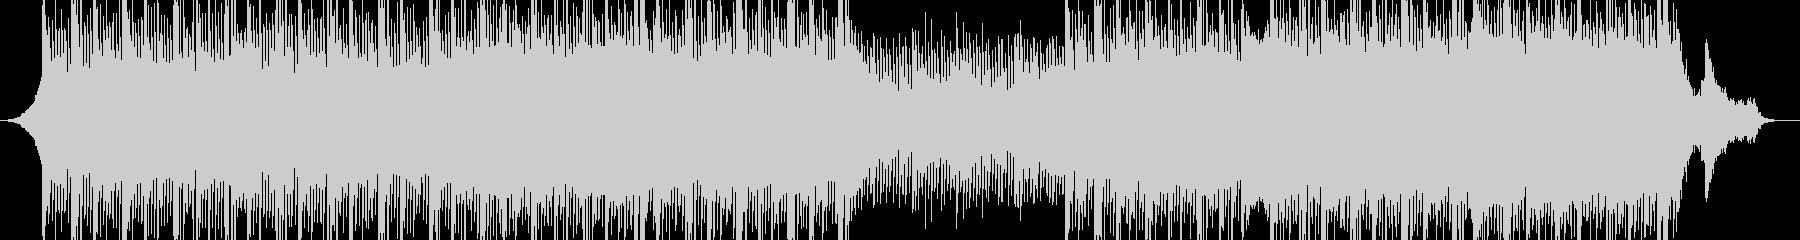 前衛交響曲 未来の技術 劇的な テ...の未再生の波形